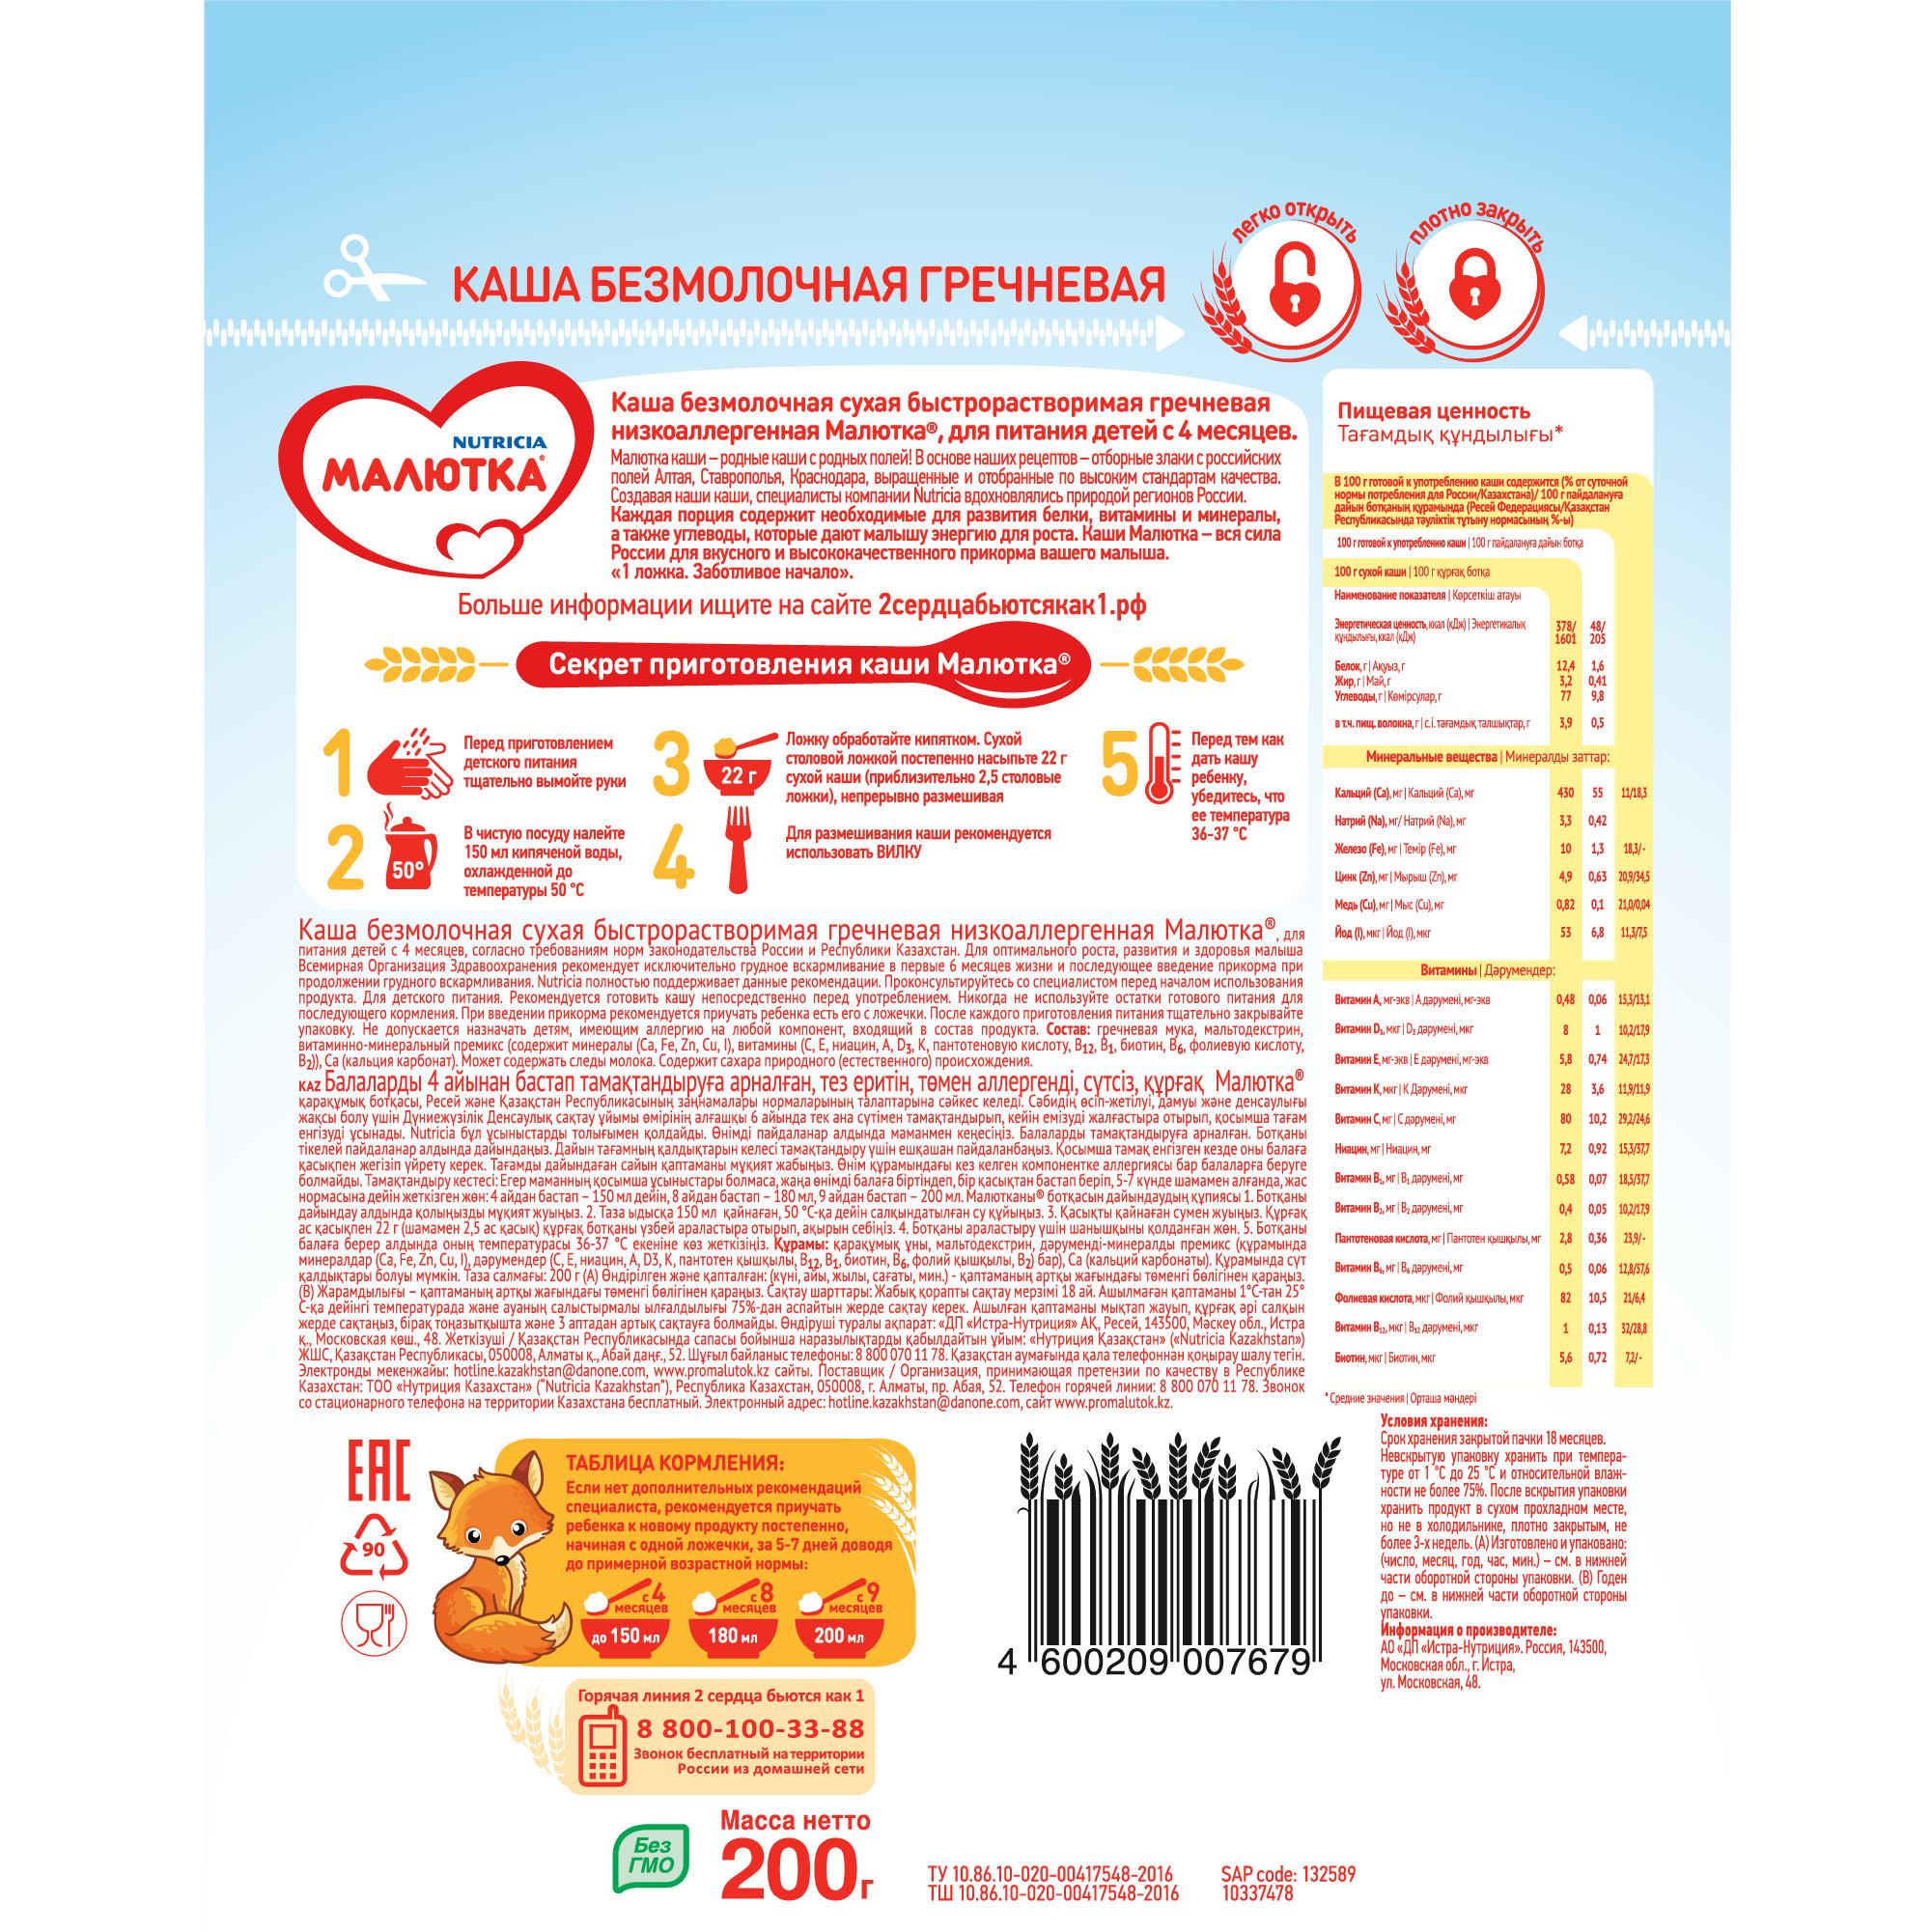 Каша Nutricia Малютка (Nutricia) Безмолочная гречневая (с 4 месяцев) 200 г каша hipp безмолочная гречневая с 4 мес 200 гр